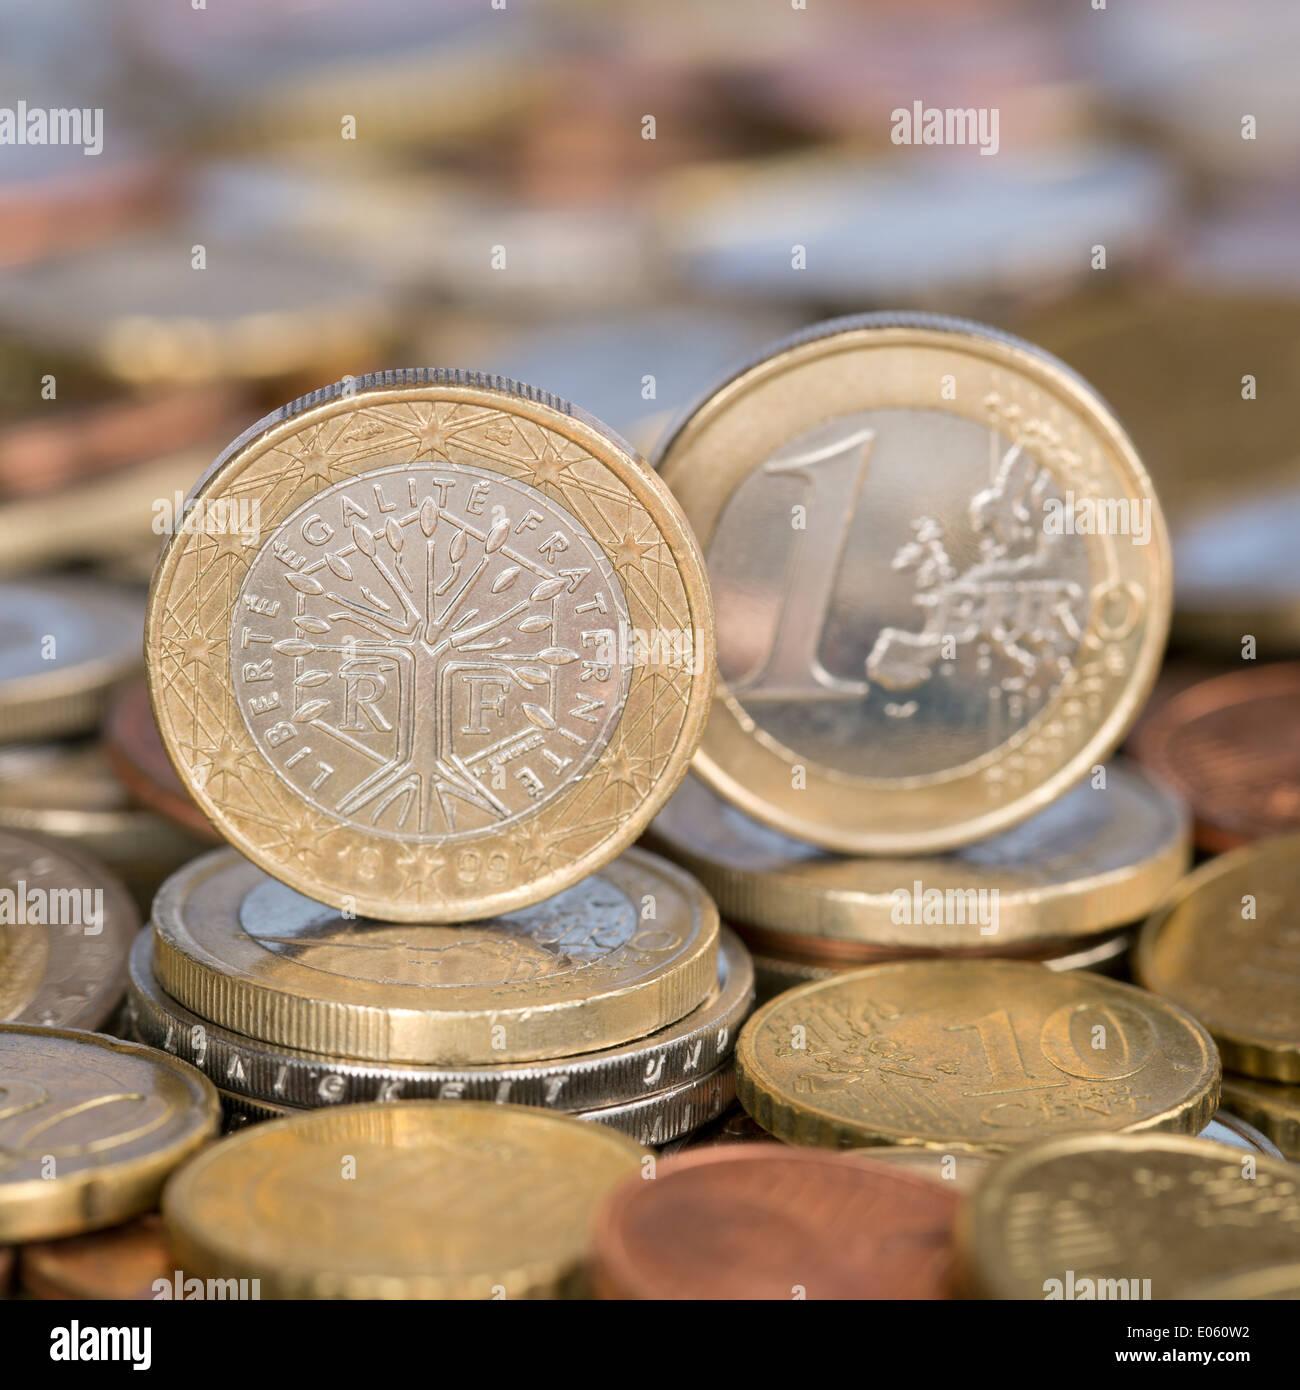 Euro Geld Münze Währung Stockfotos Euro Geld Münze Währung Bilder